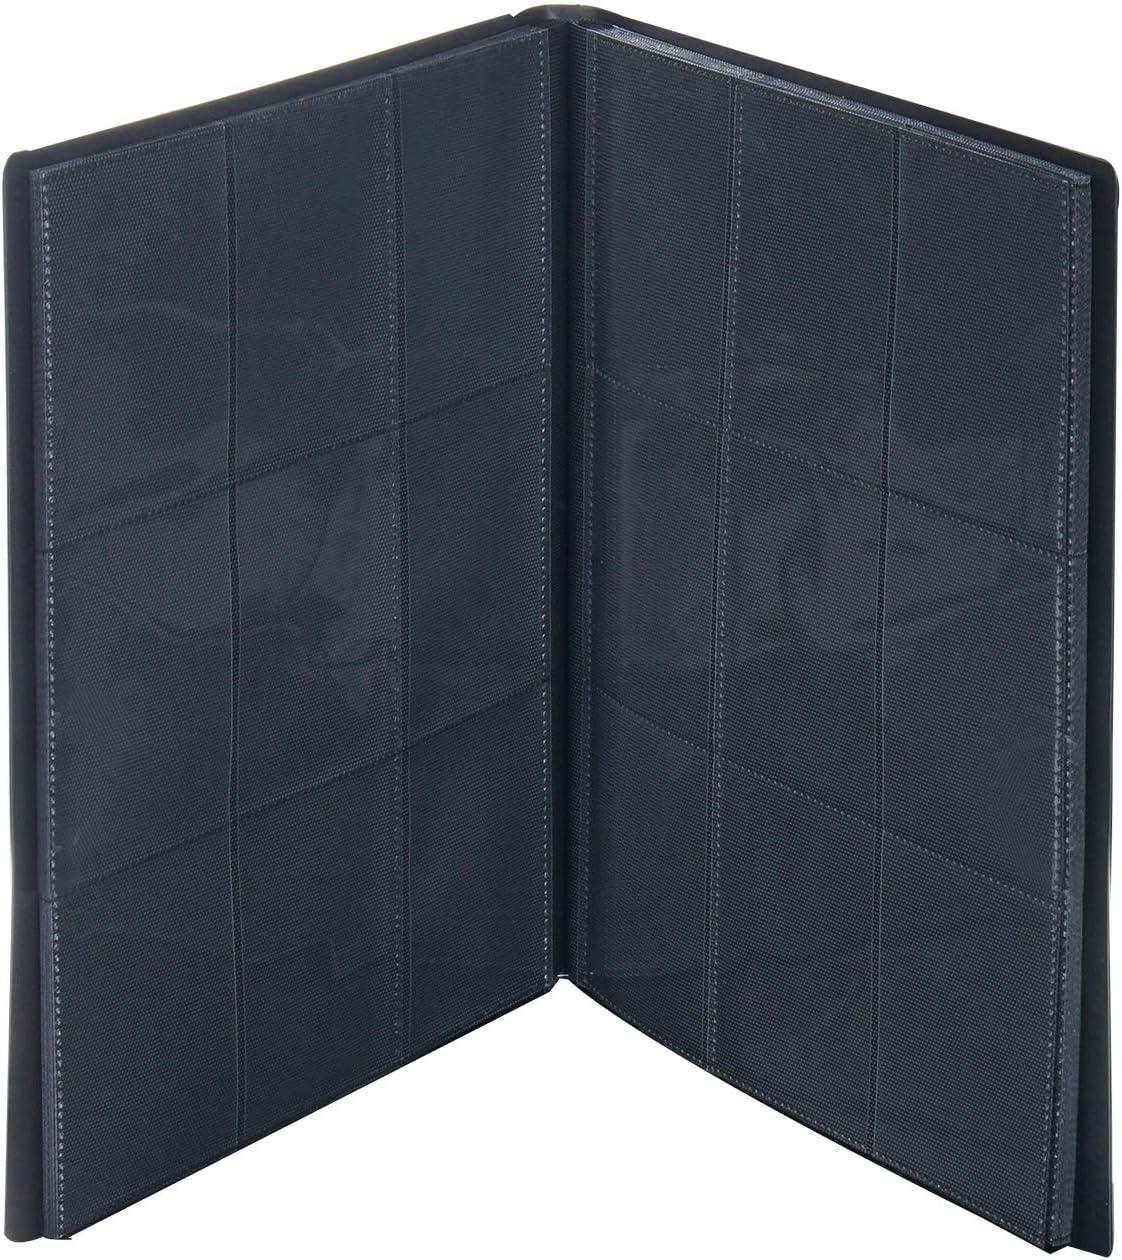 Yizhet Álbum de para Cartas coleccionista Negro para 360 Cartas, Álbum de 9 Bolsillos para Cartas Coleccionables, 360 Bolsillos de Inserción Lateral (Negro)